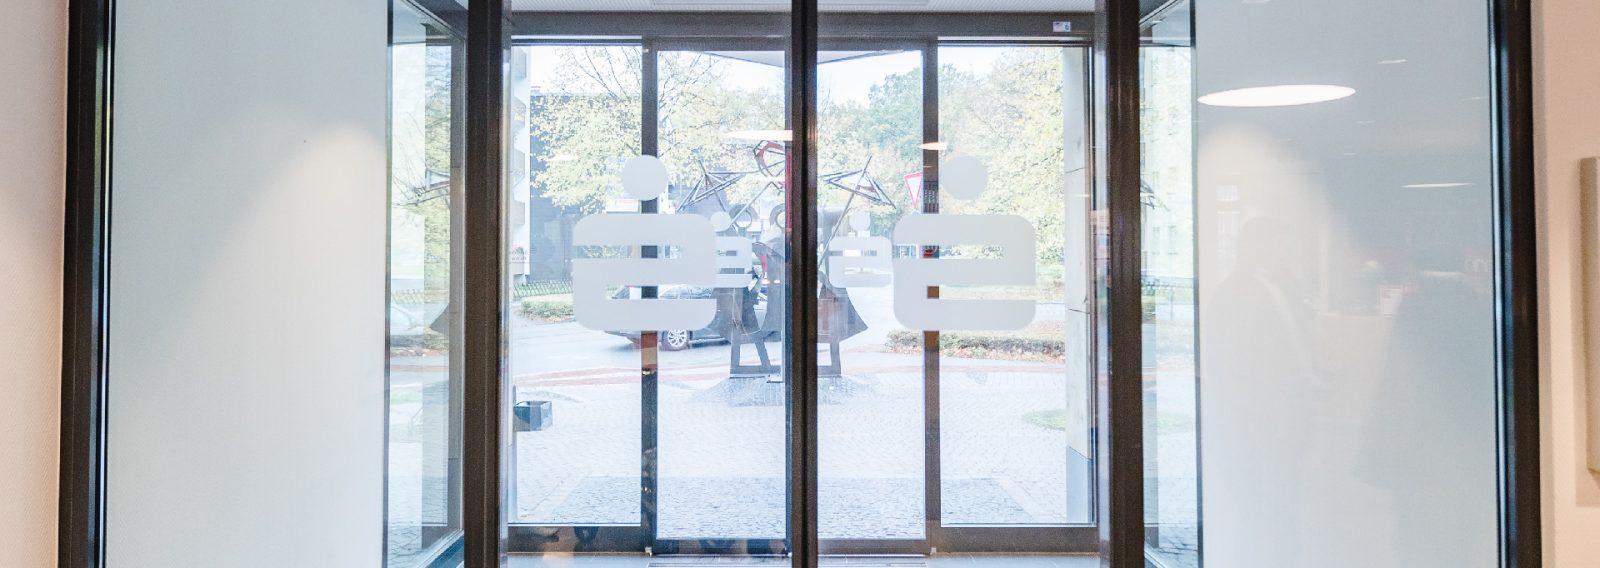 Metallbau Willy Wietis GmbH Hamm automatische Tür Sparkasse Hamm